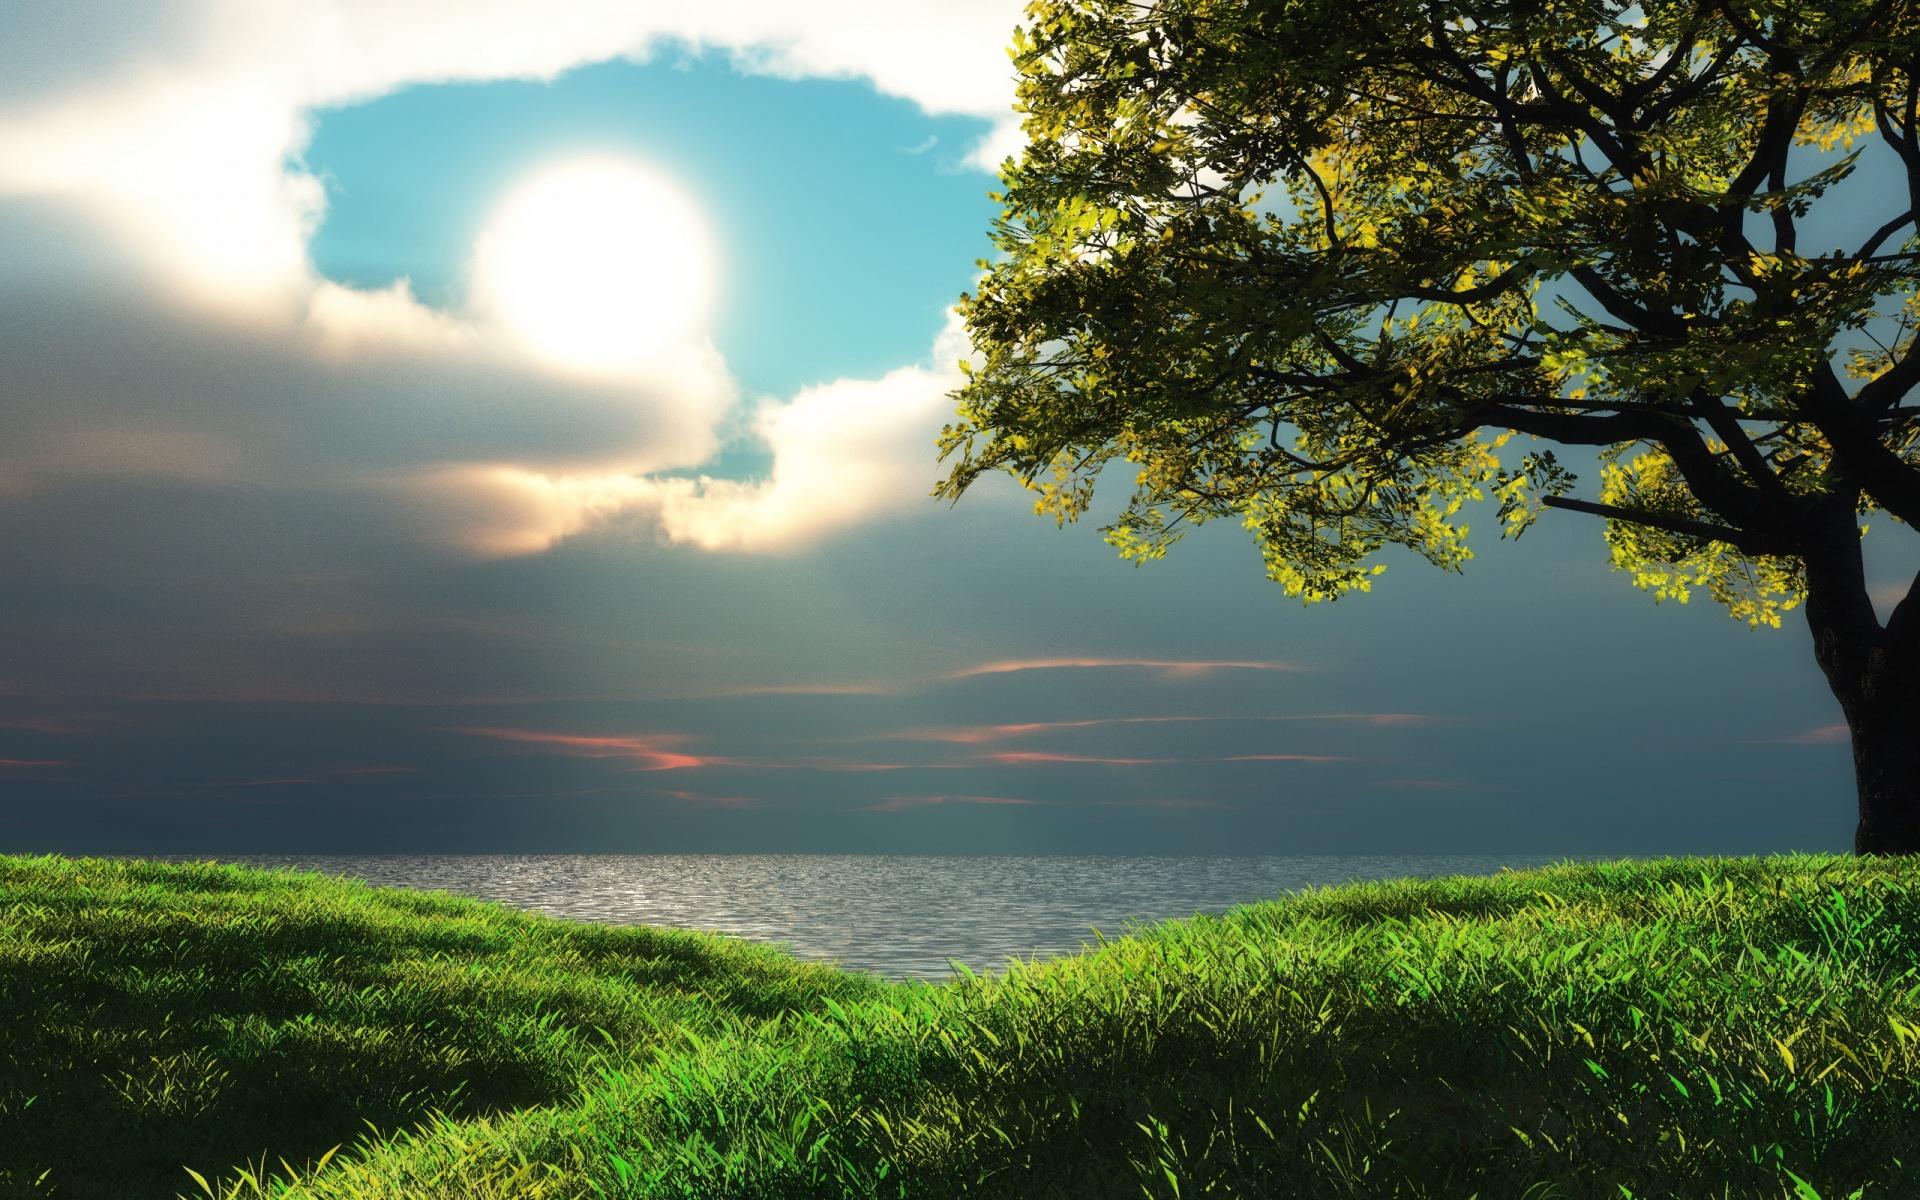 اجمل صور الطبيعة الخلابة 3